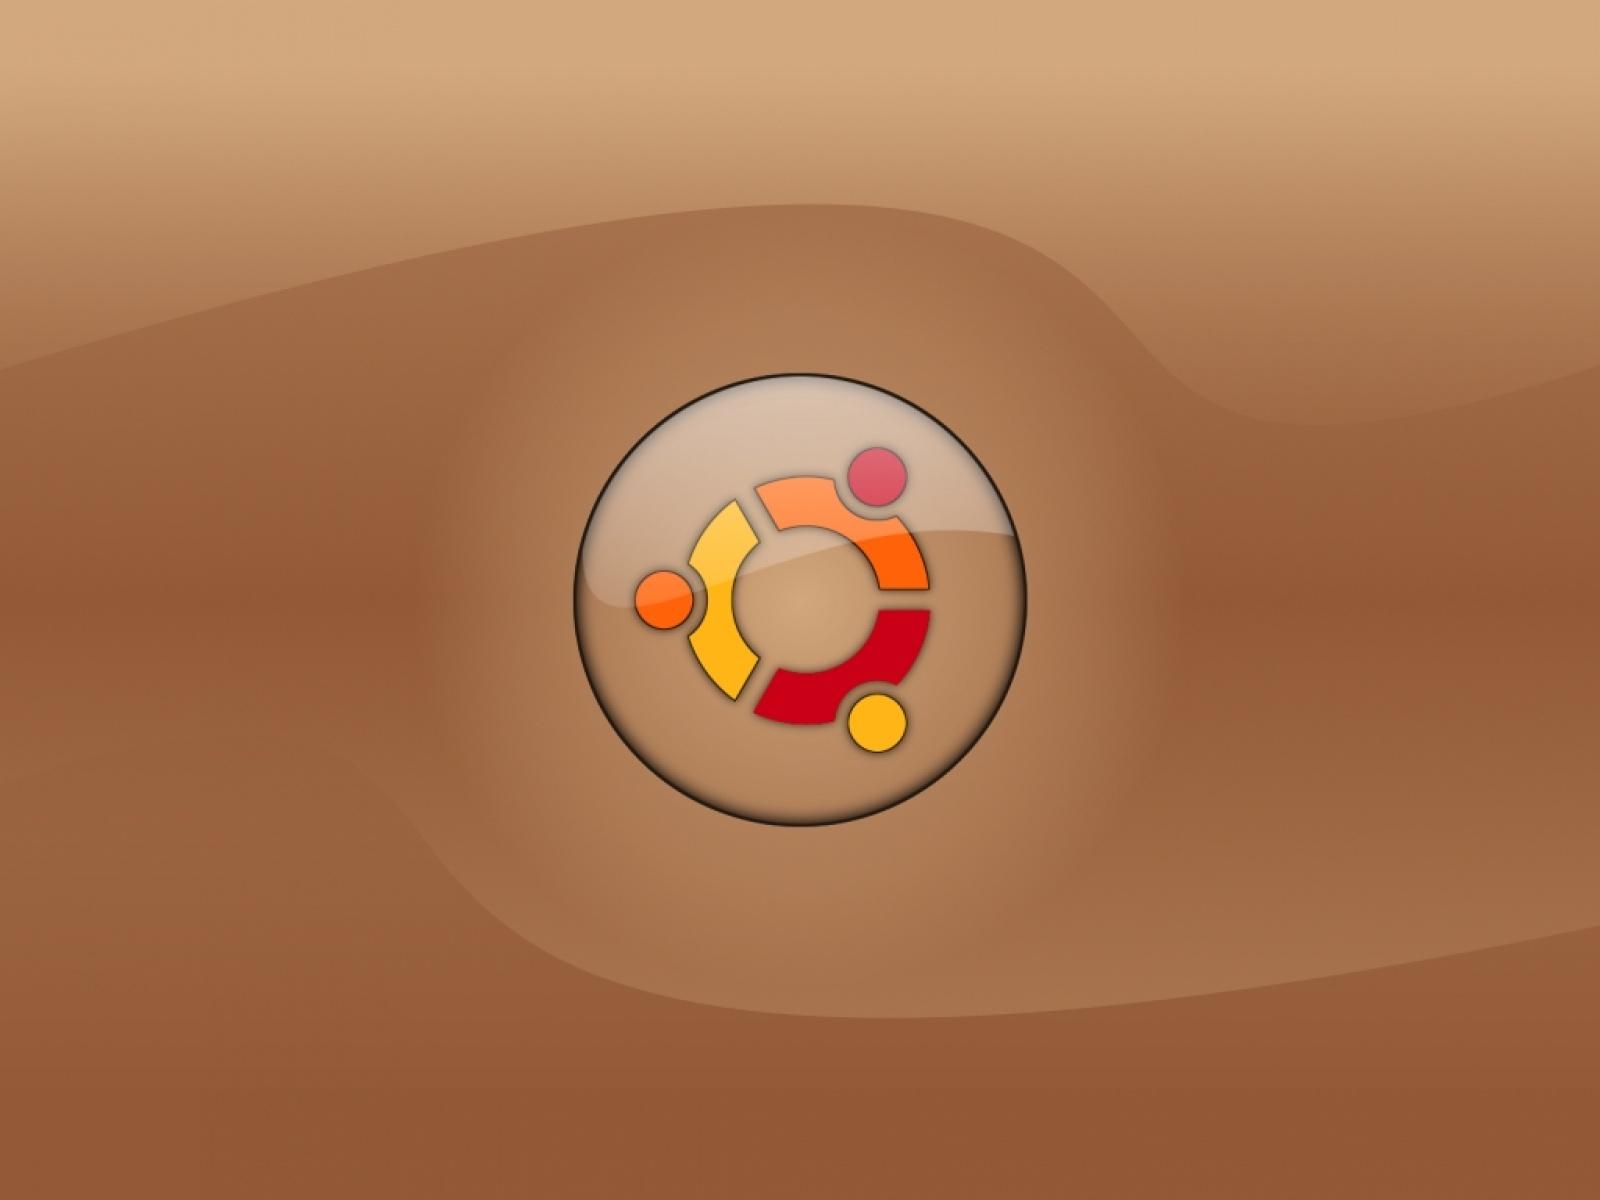 http://3.bp.blogspot.com/-S-rbZ-NKLAw/TbmWxQIeYzI/AAAAAAAADZg/s3tTBkRI5PM/s1600/Ubuntu-Brown-wallpaper.jpg